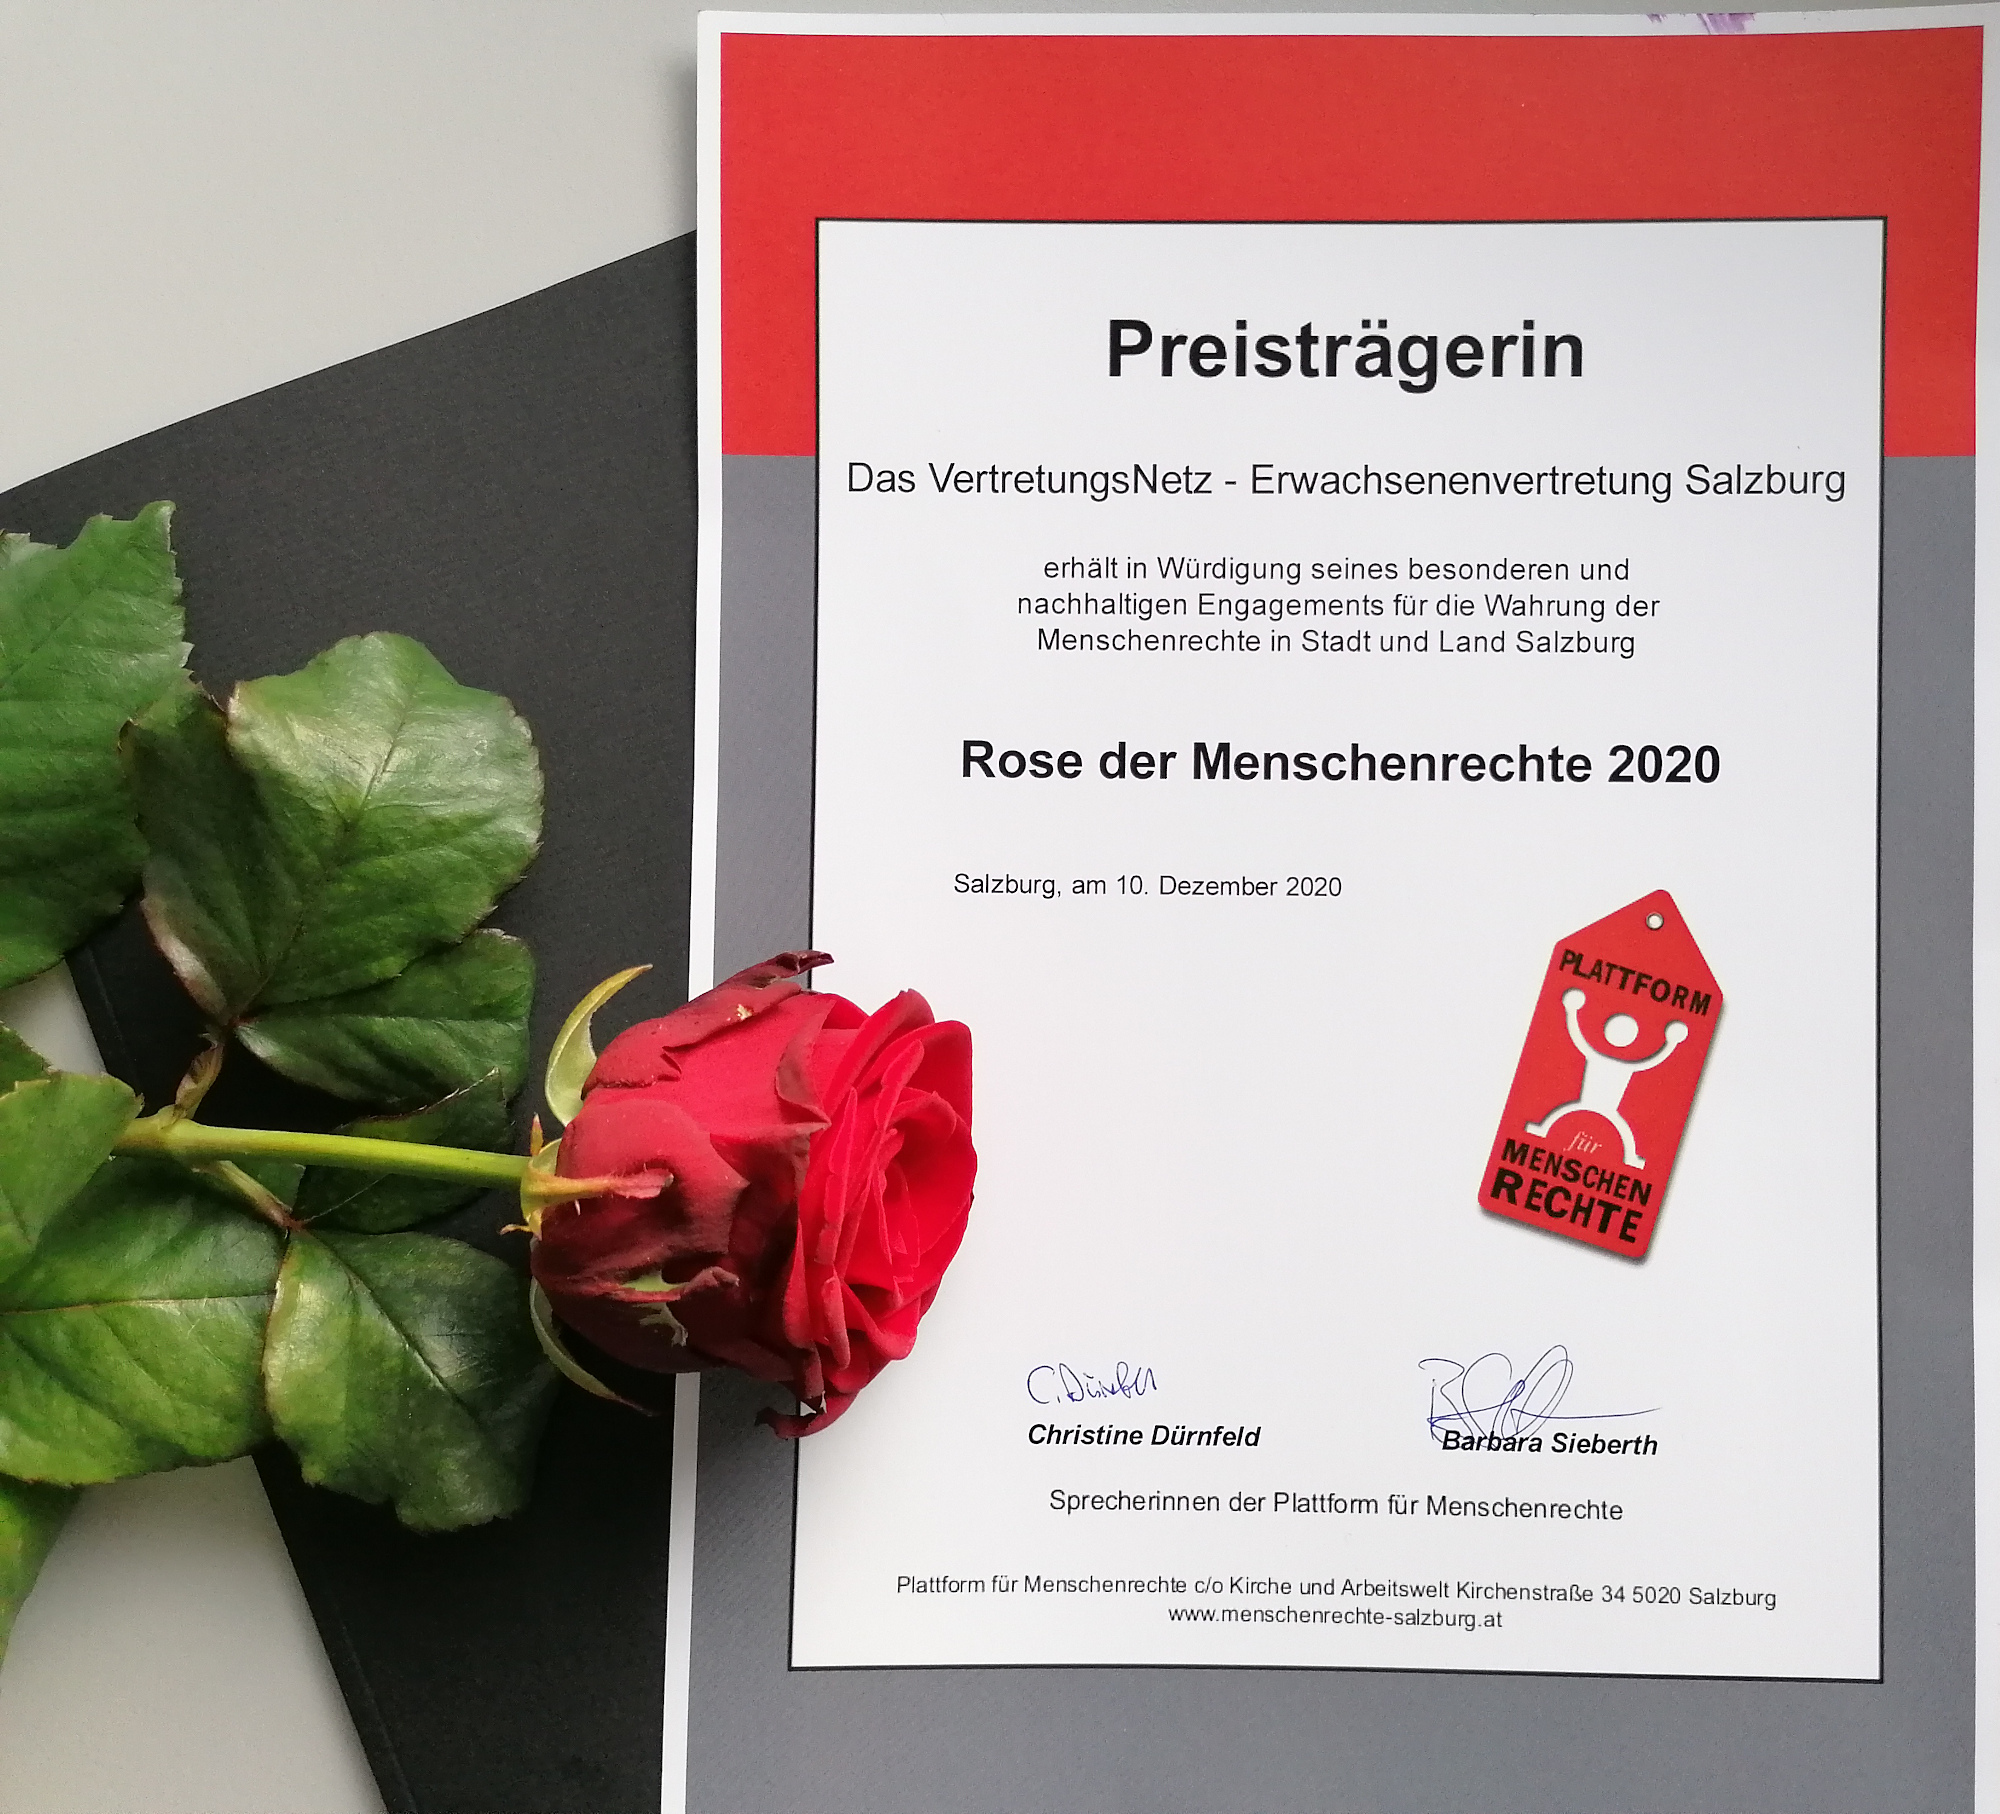 Preis: Rose der Menschenrechte 2020 für VertretungsNetz - Erwachsenenvertretung Salzburg